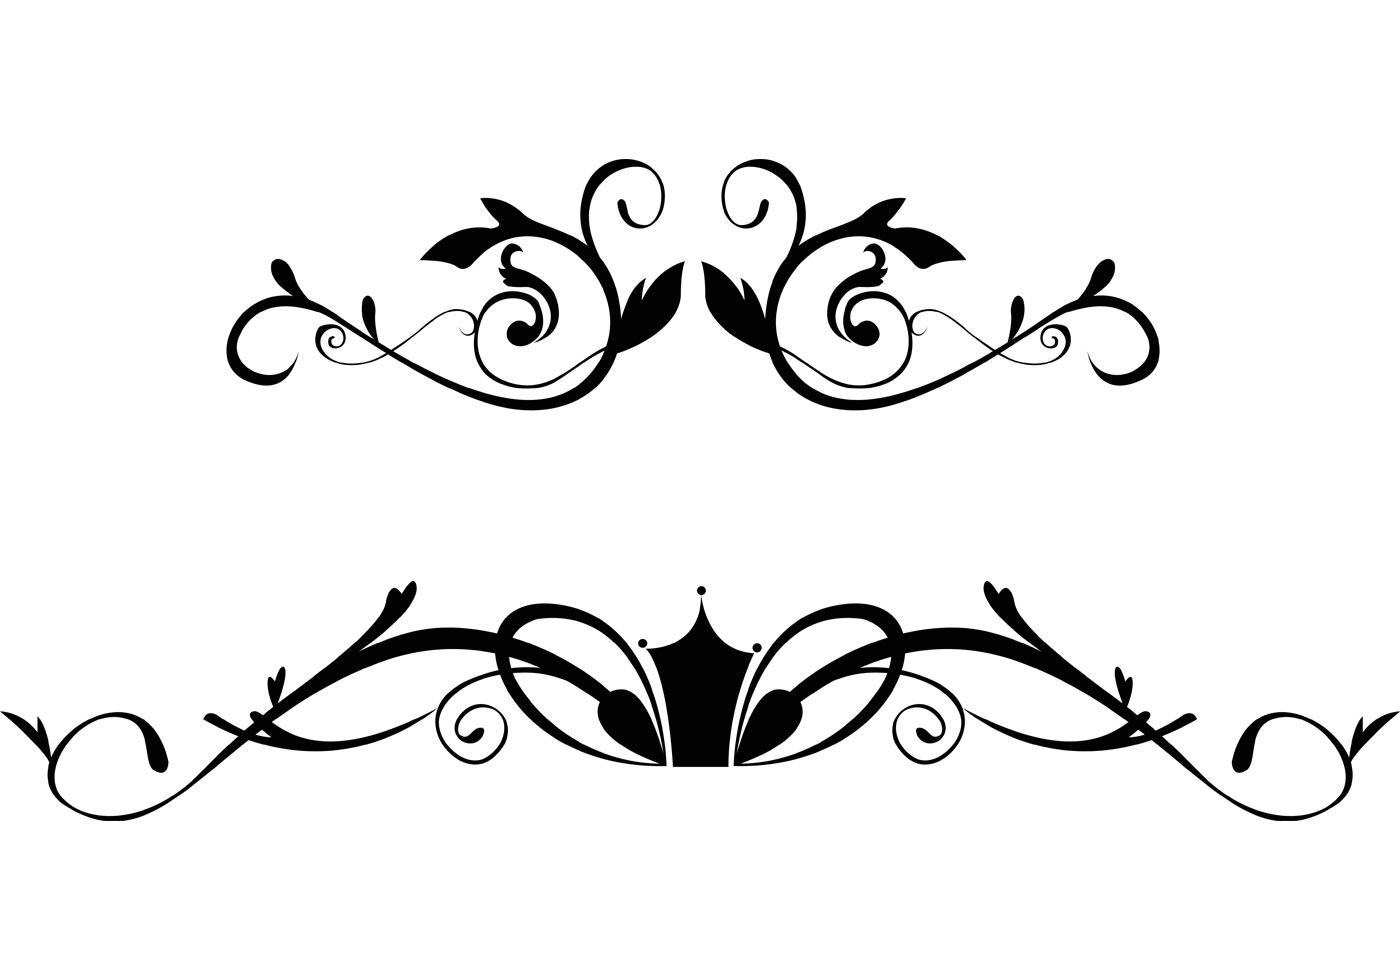 Floral Ornament Vector Free: Free Floral Ornamental Border Vectors